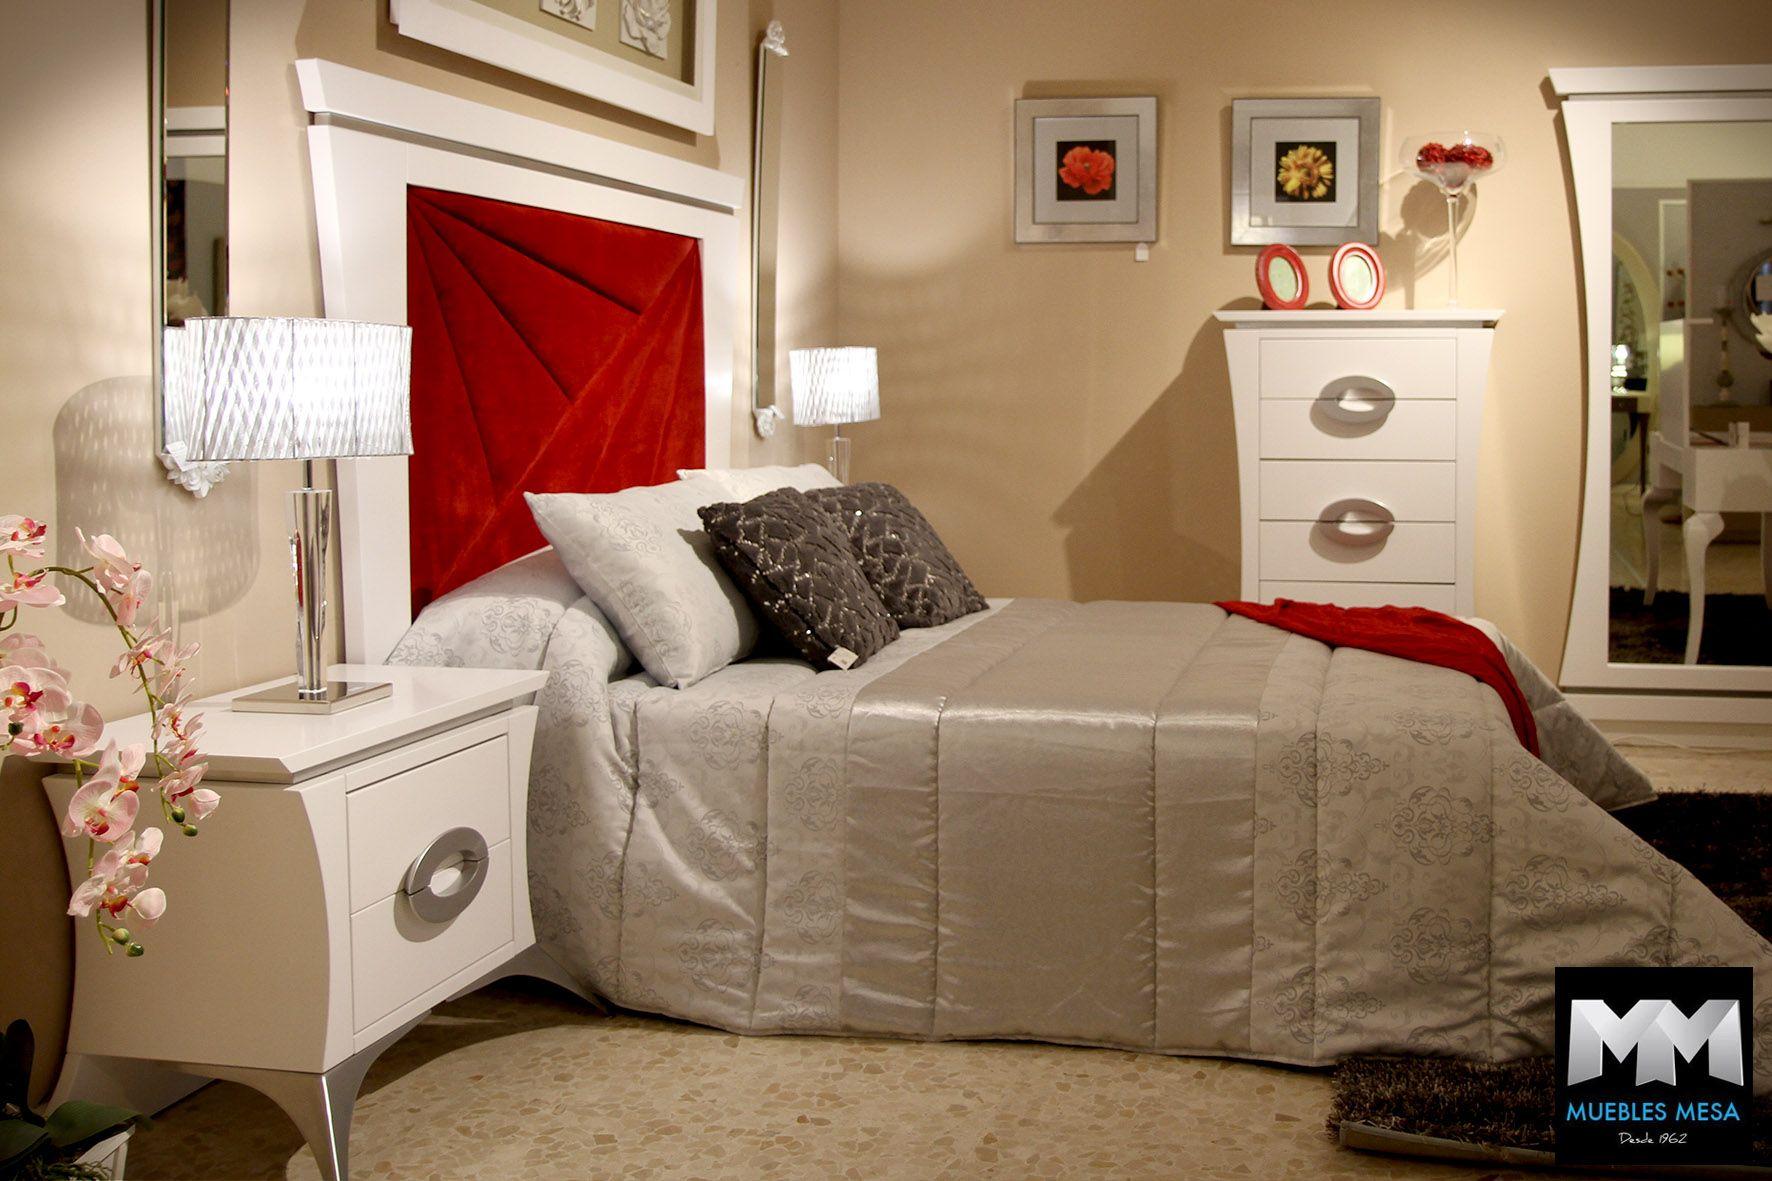 Muebles de cocina en lucena top com muebles cocina en - Franco furniture precios ...